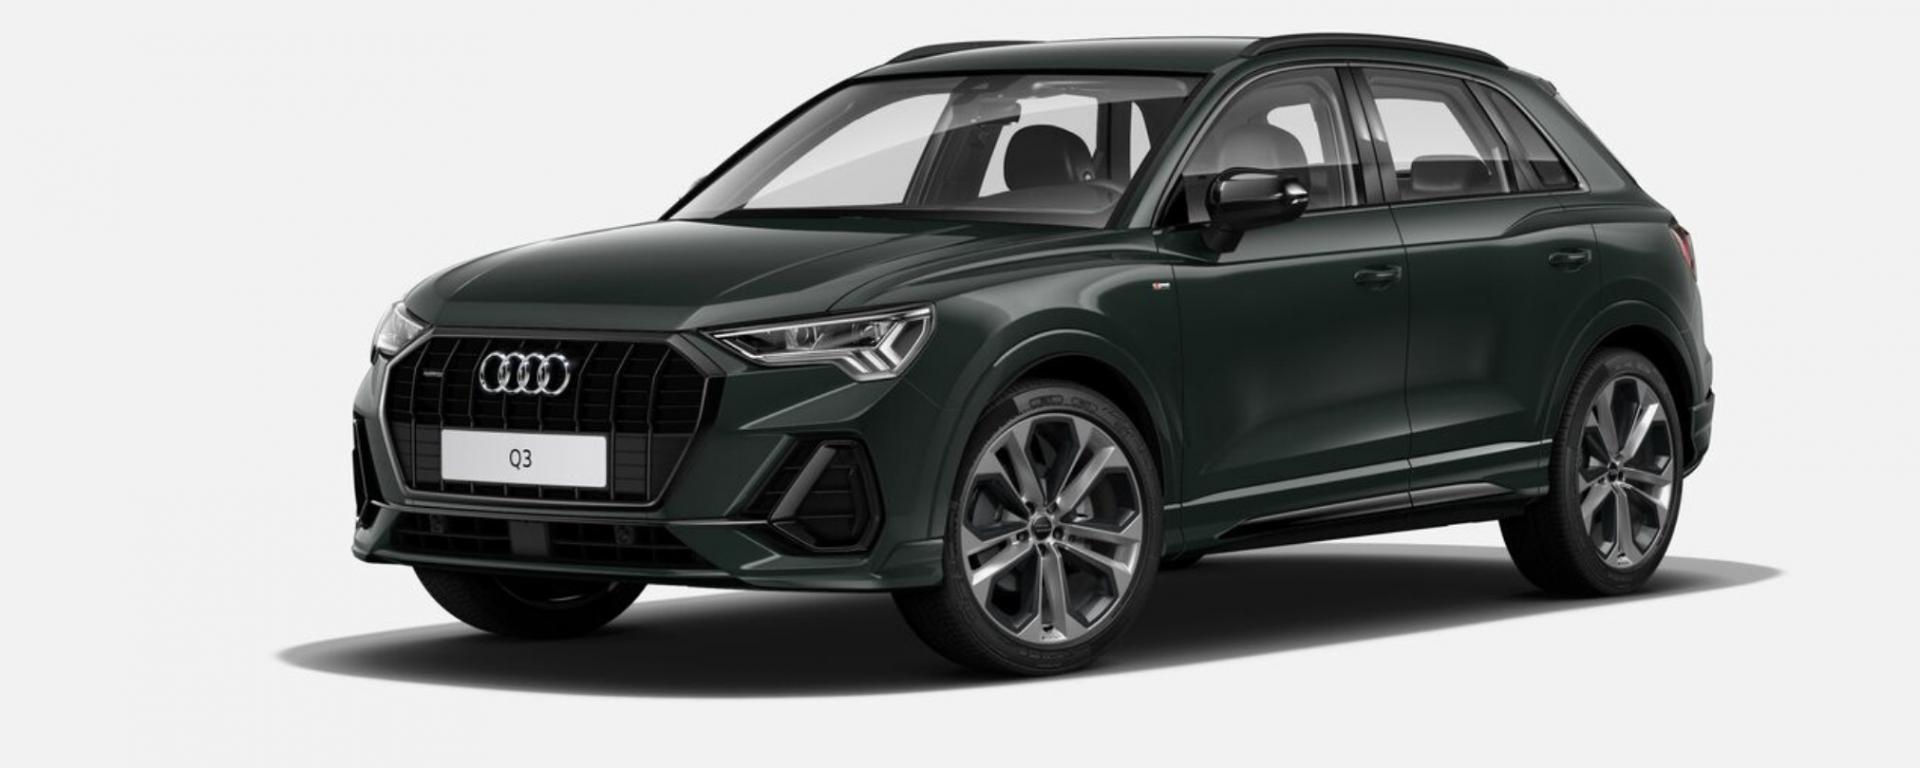 Audi: puoi configurare online l'auto dei tuoi sogni